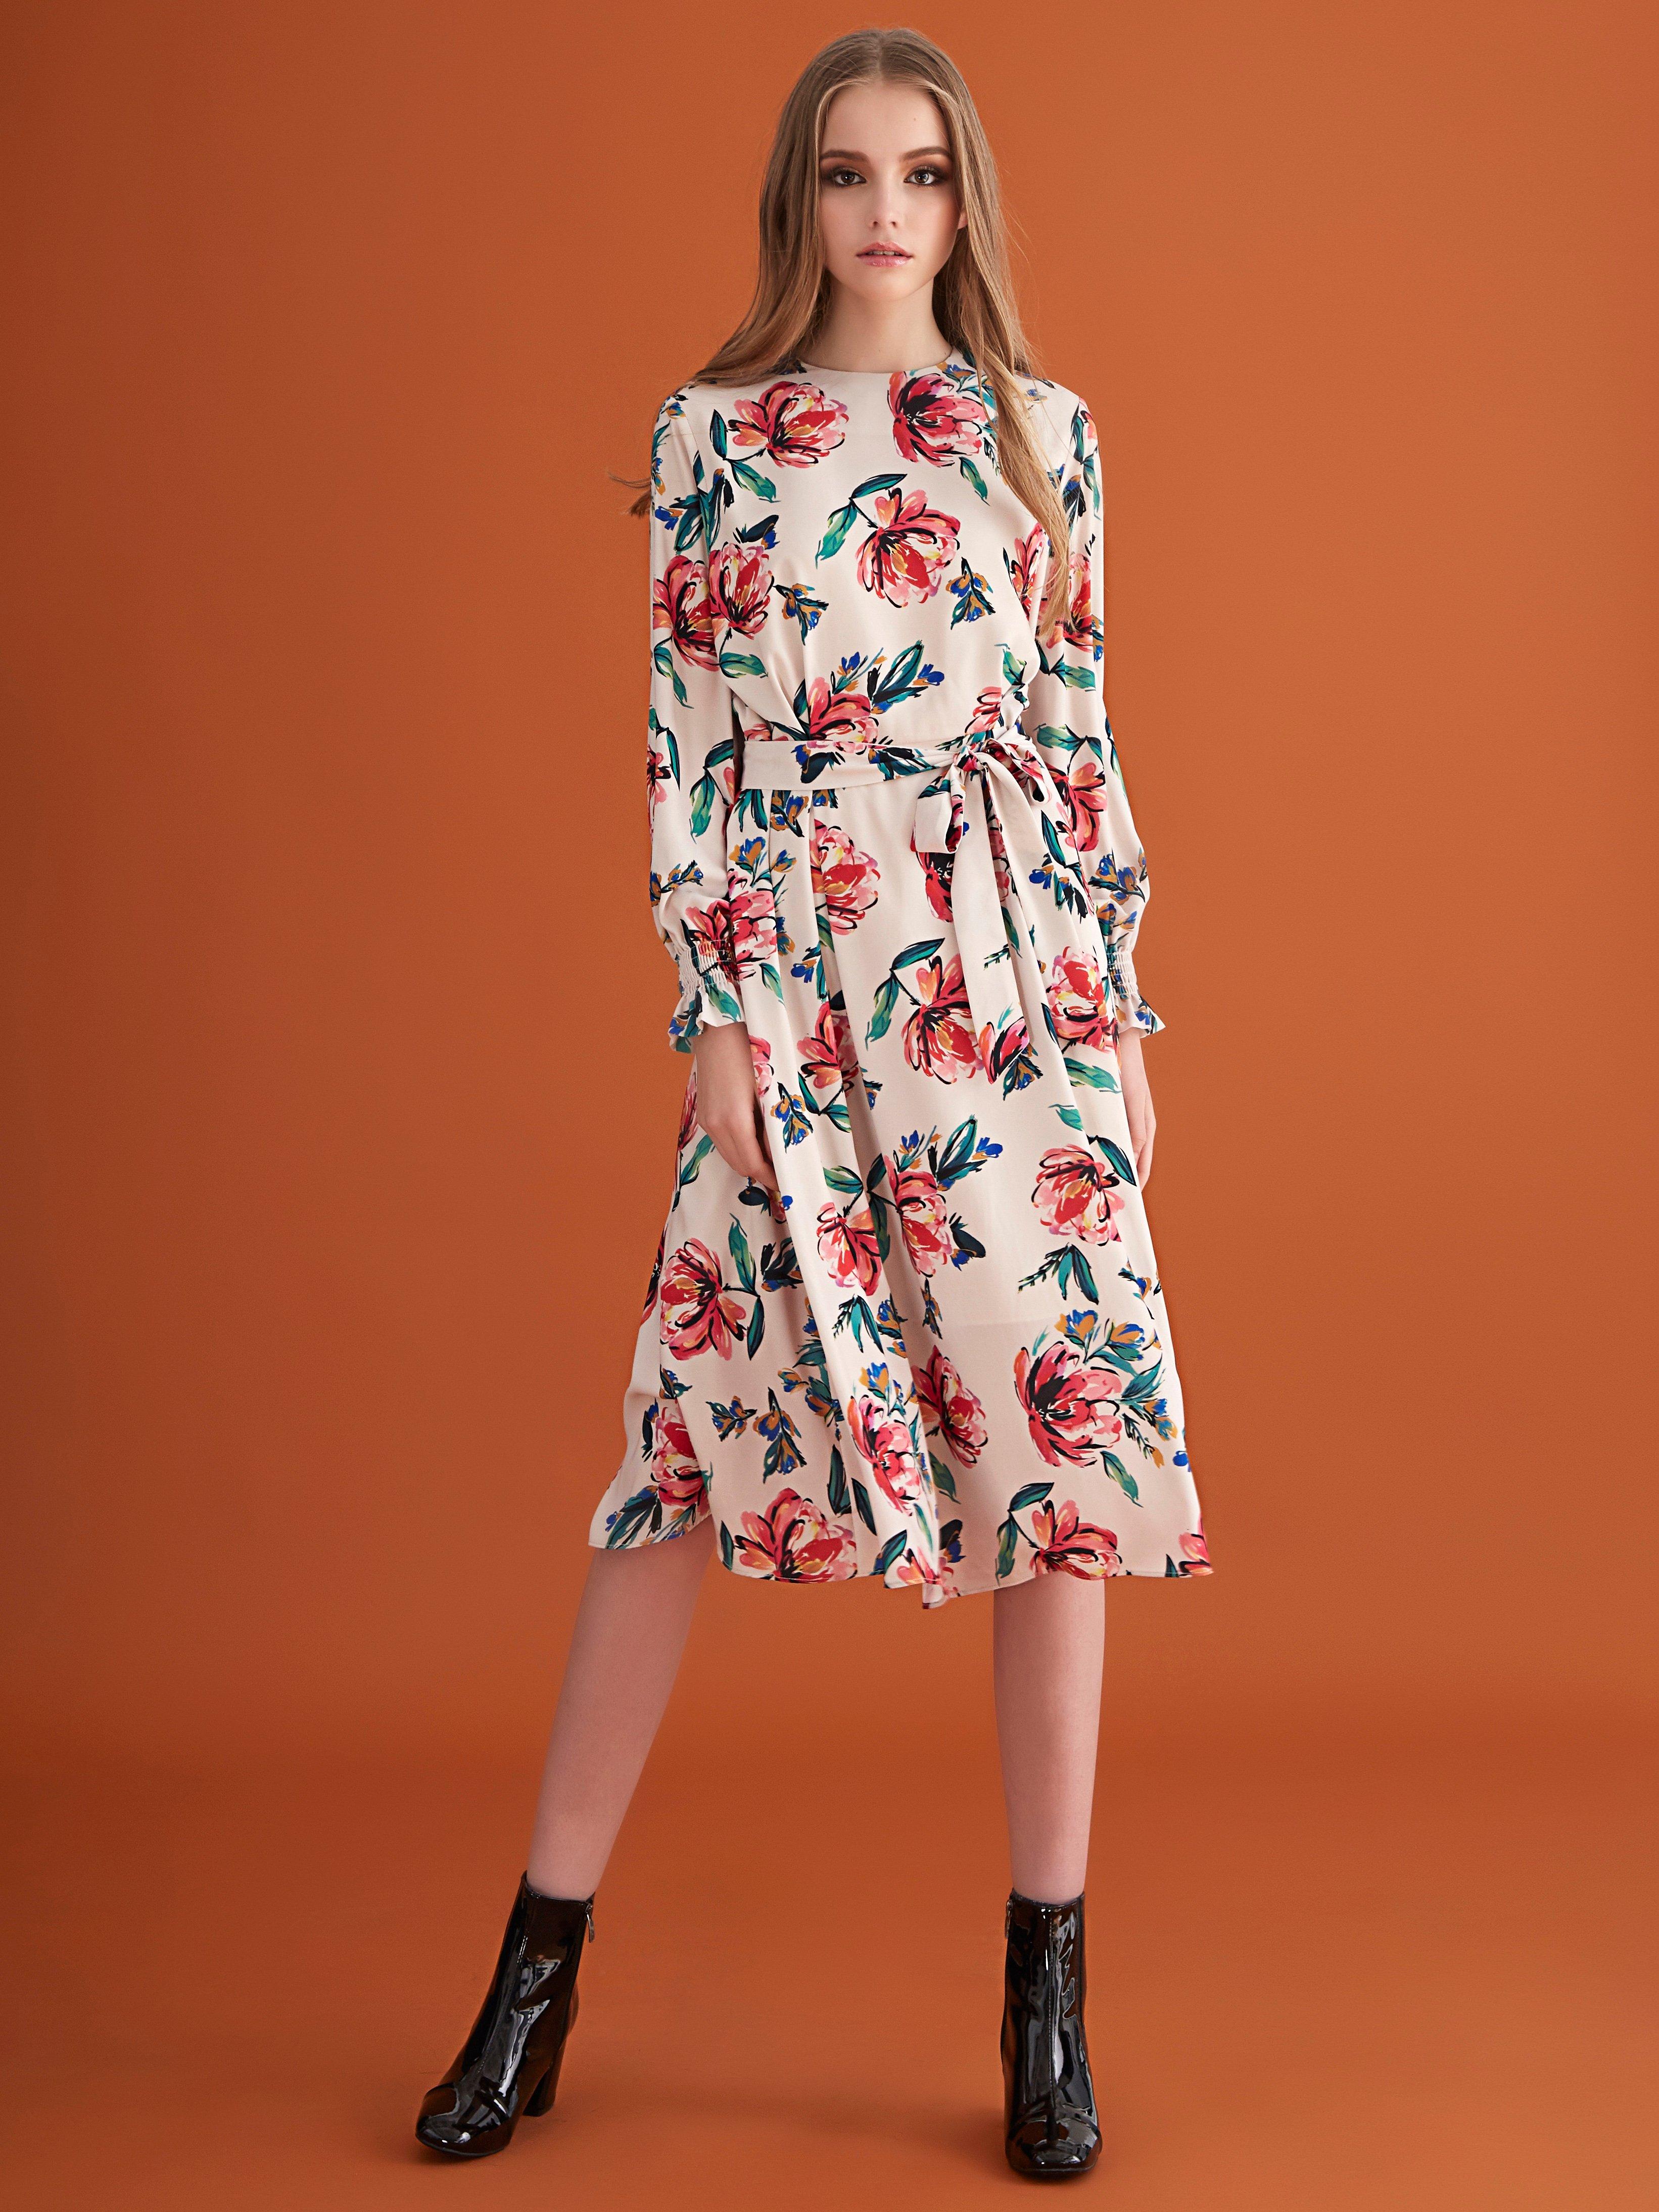 Olive Dress - White